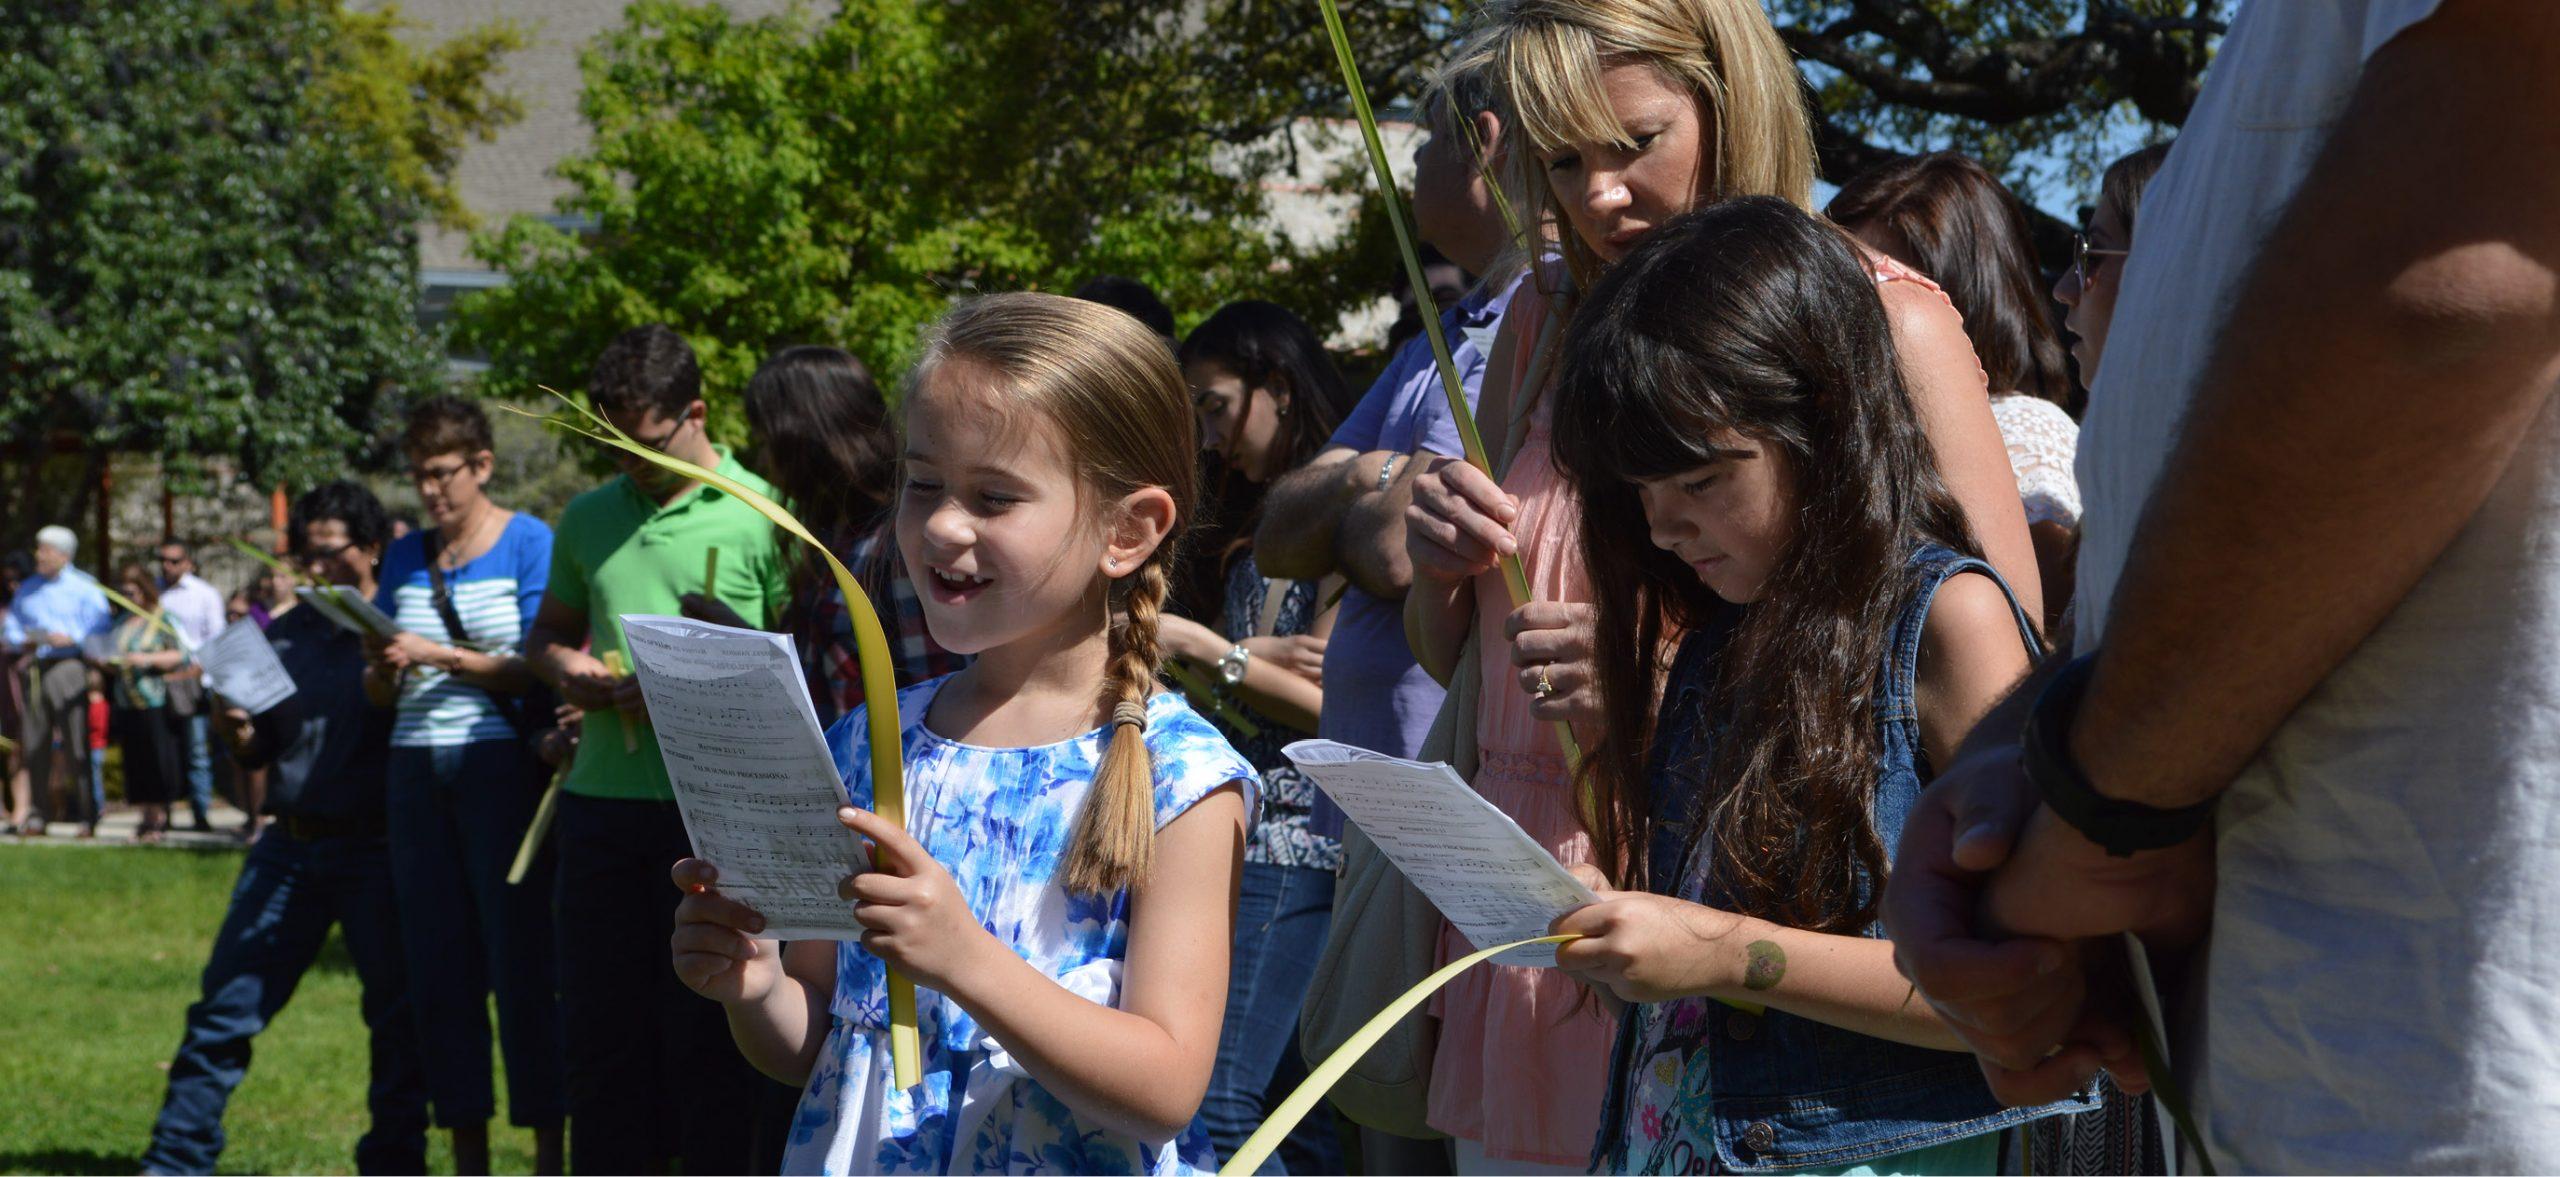 Palm-Sunday-Girls-Singing-scaled